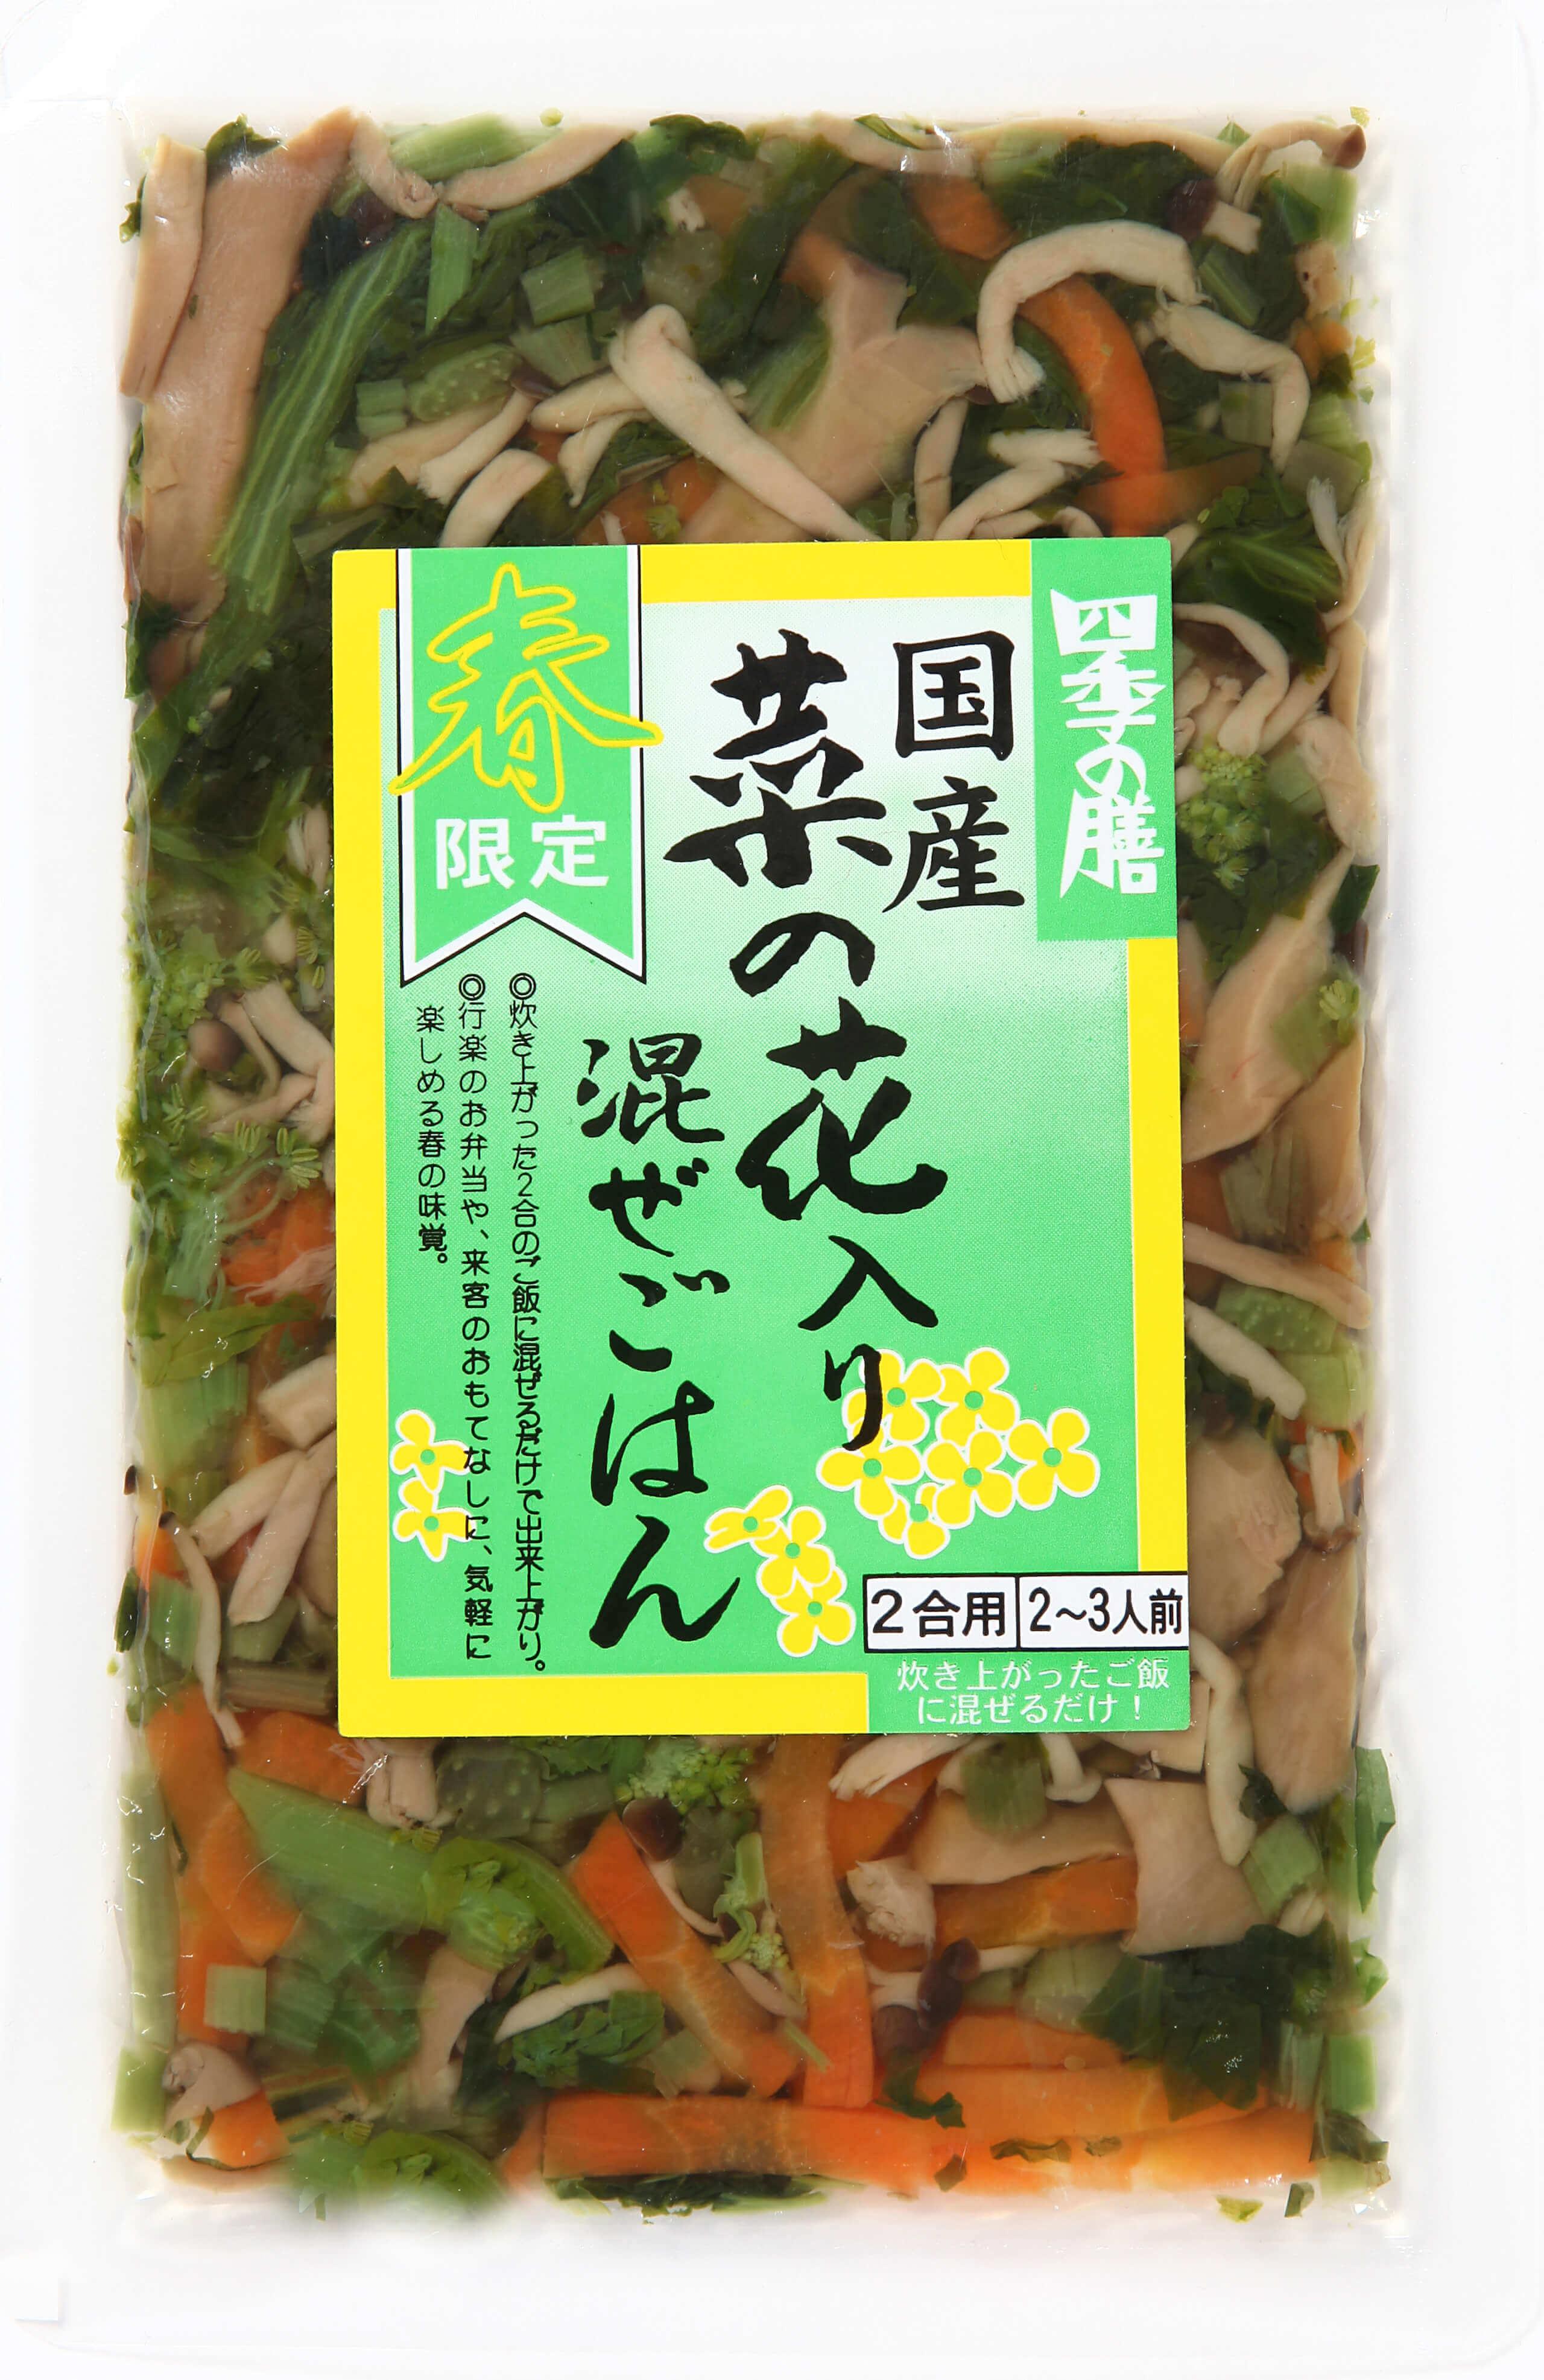 国産菜の花入り混ぜごはん【季節・数量限定】